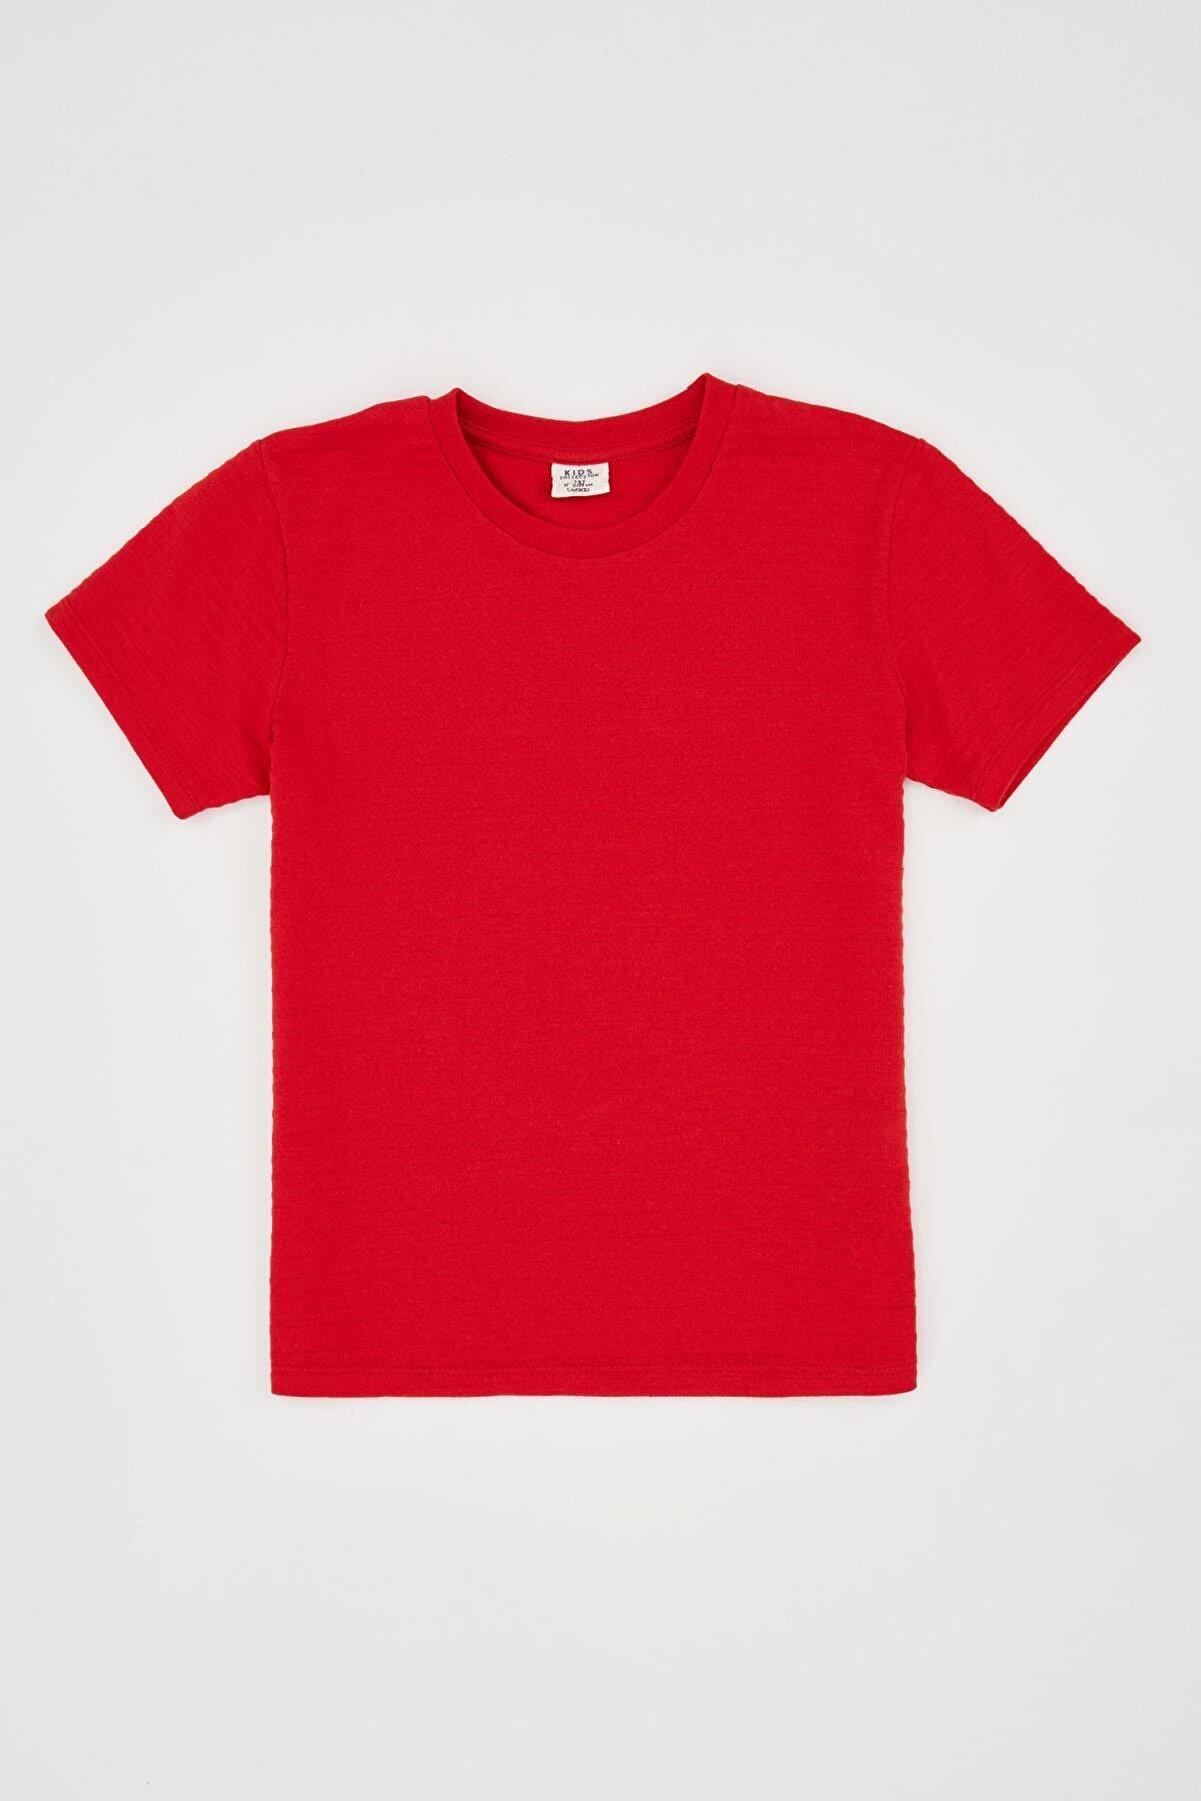 Defacto Erkek Çocuk Bisiklet Yaka Basic Tişört